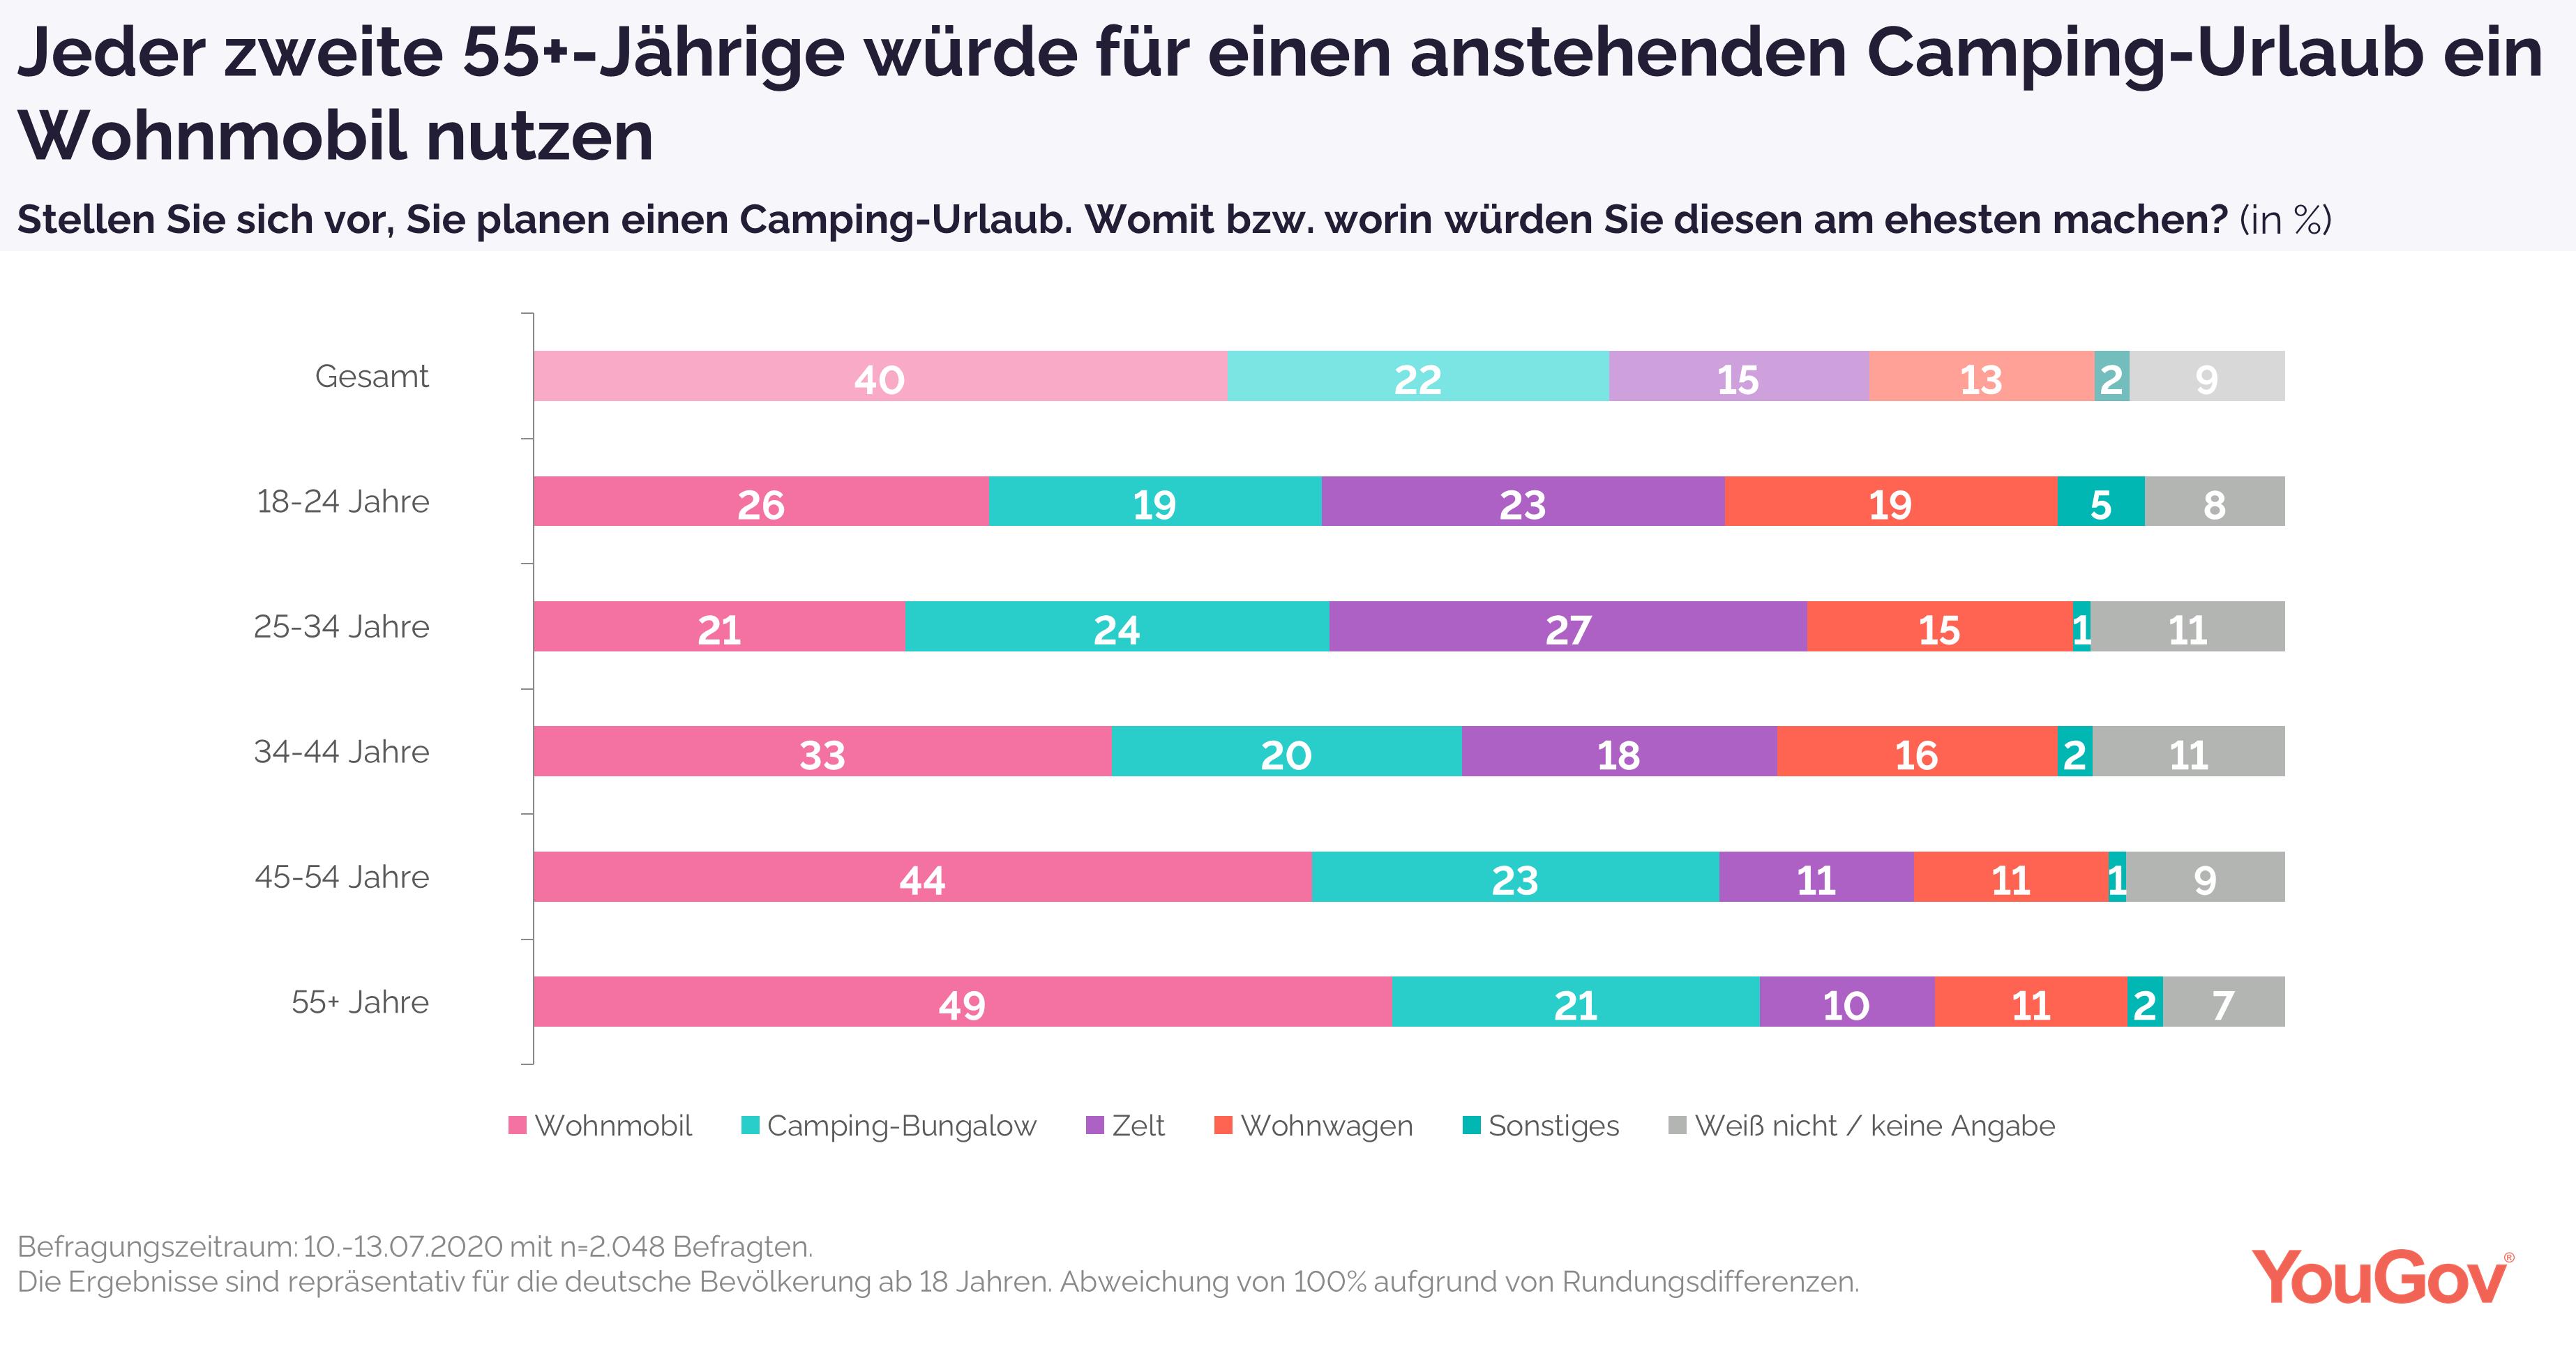 Die Hälfte der Älteren bevorzugt das Wohnmobil